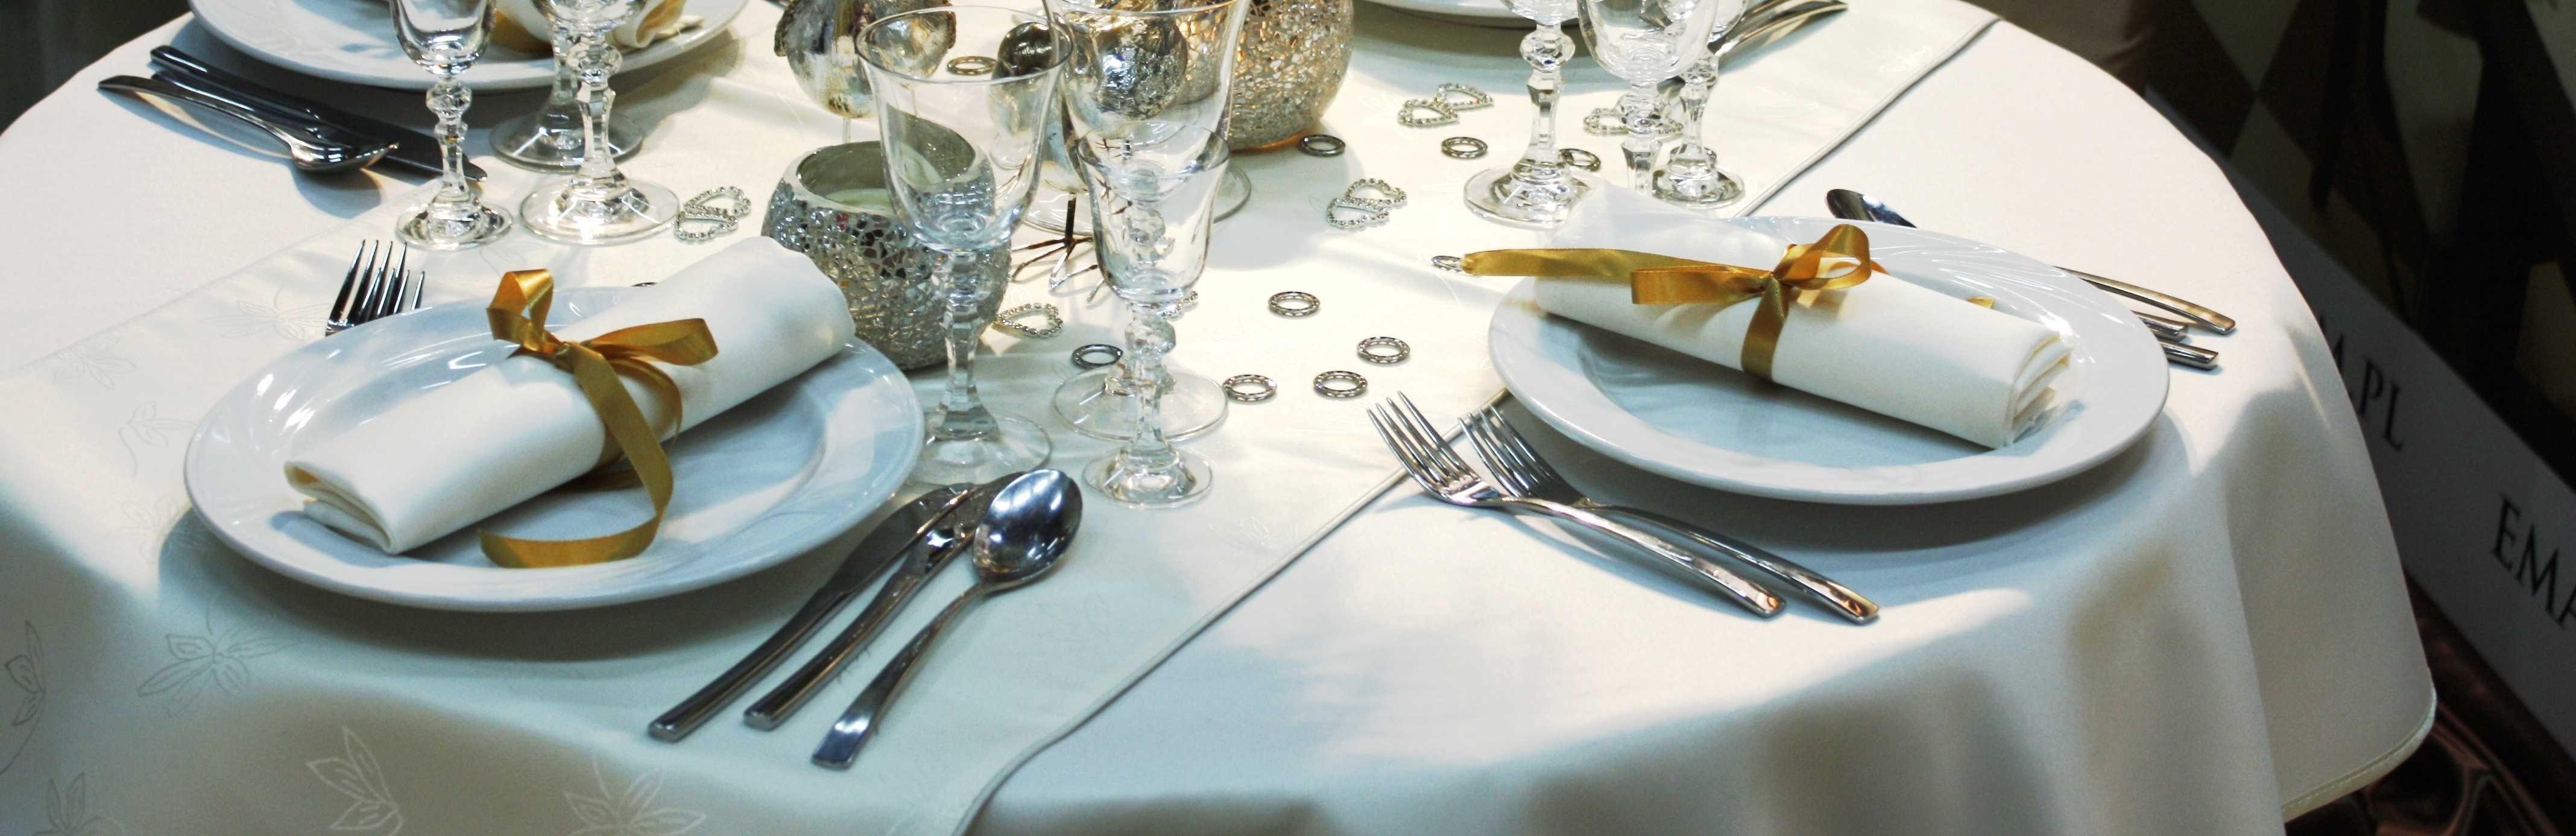 Arts de la table et accessoires